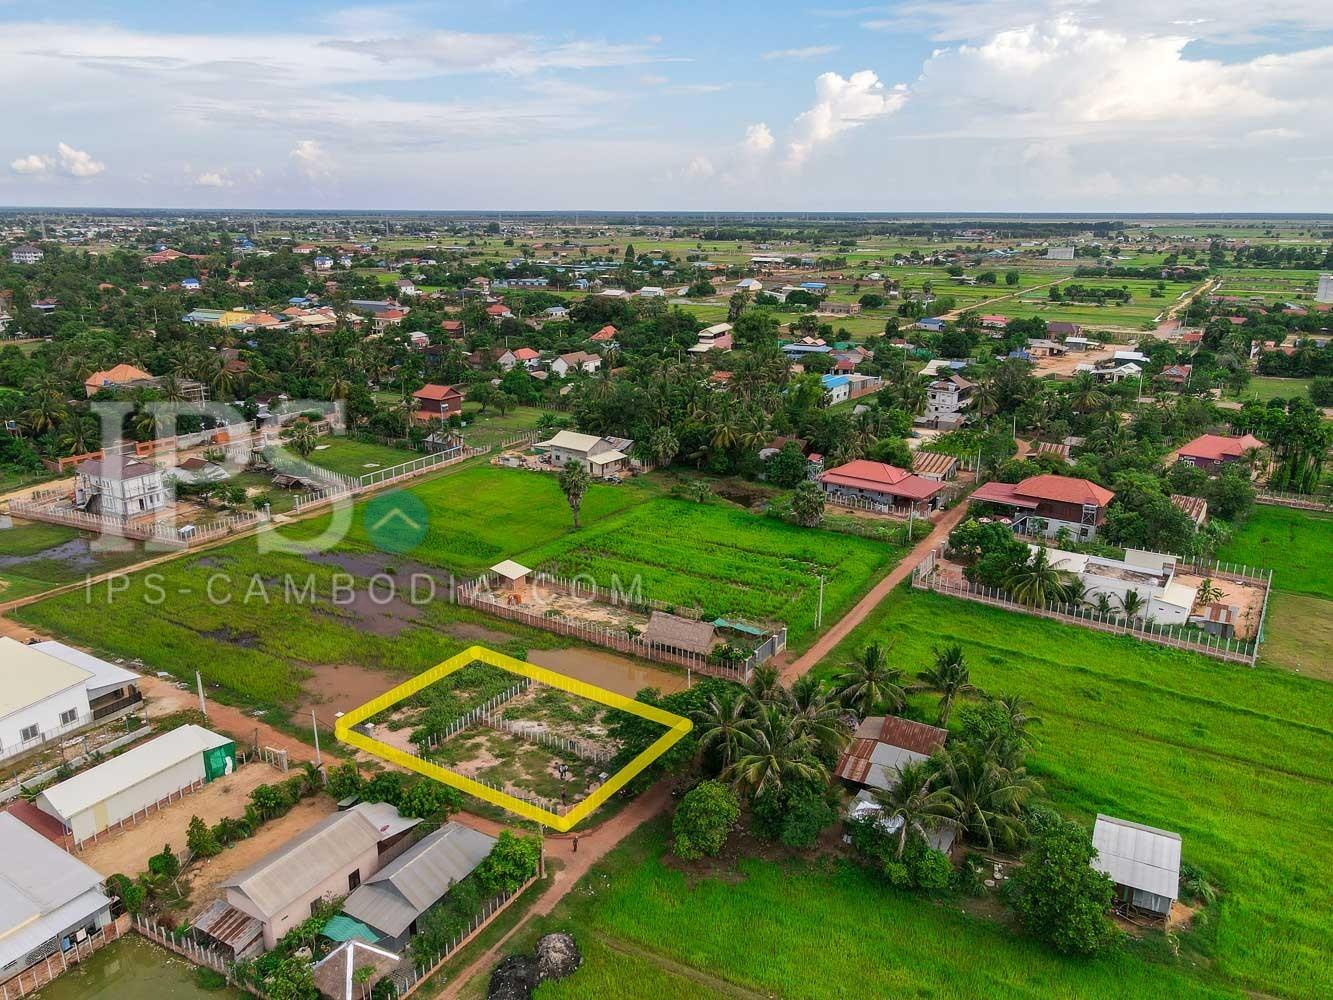 600 Sqm Land For Sale - Chreav, Siem Reap